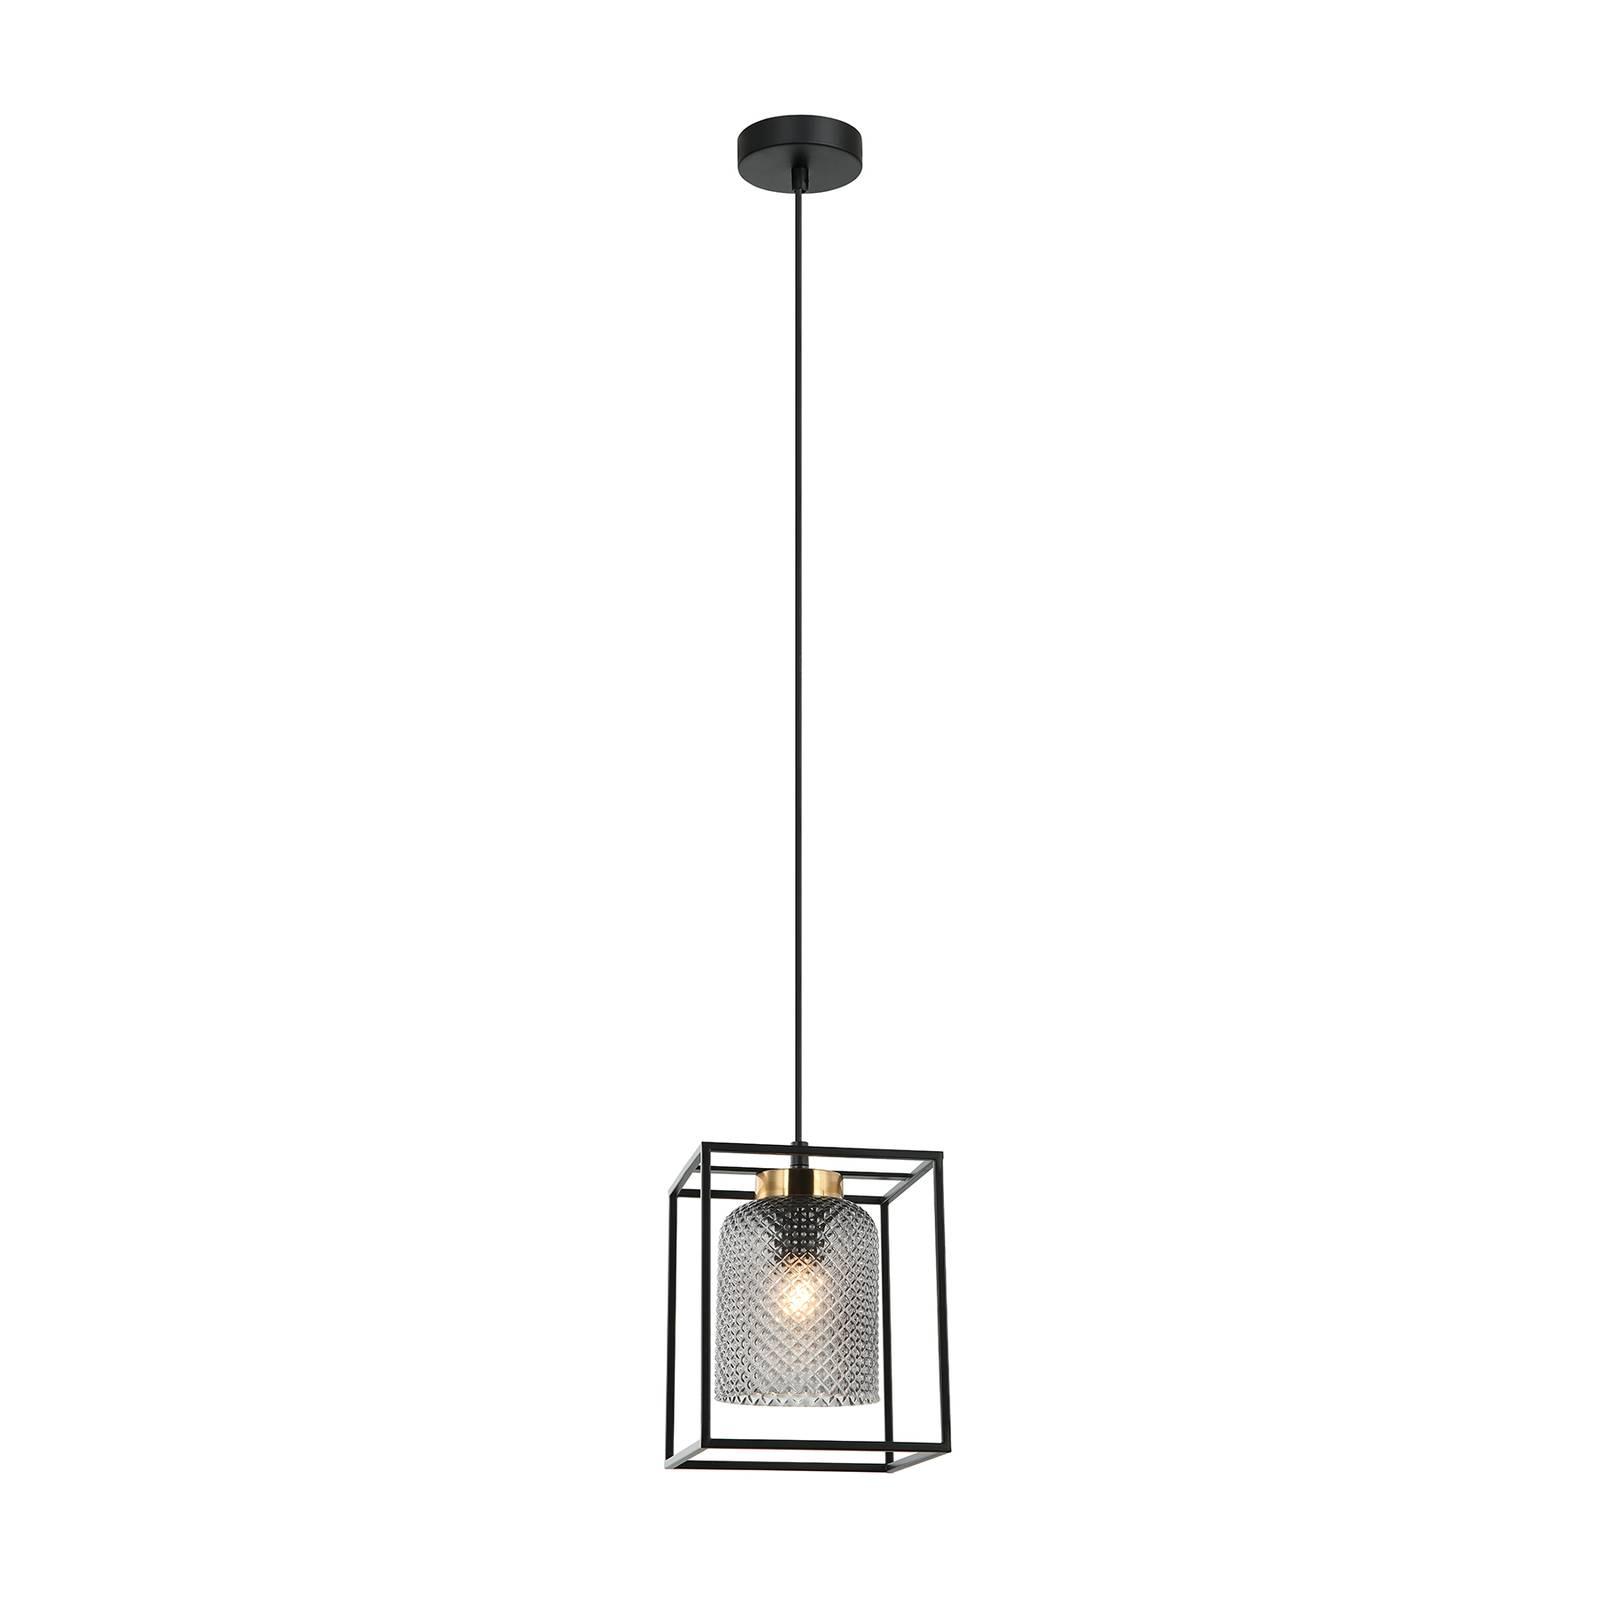 Suspension Zac aspect cage, une lampe